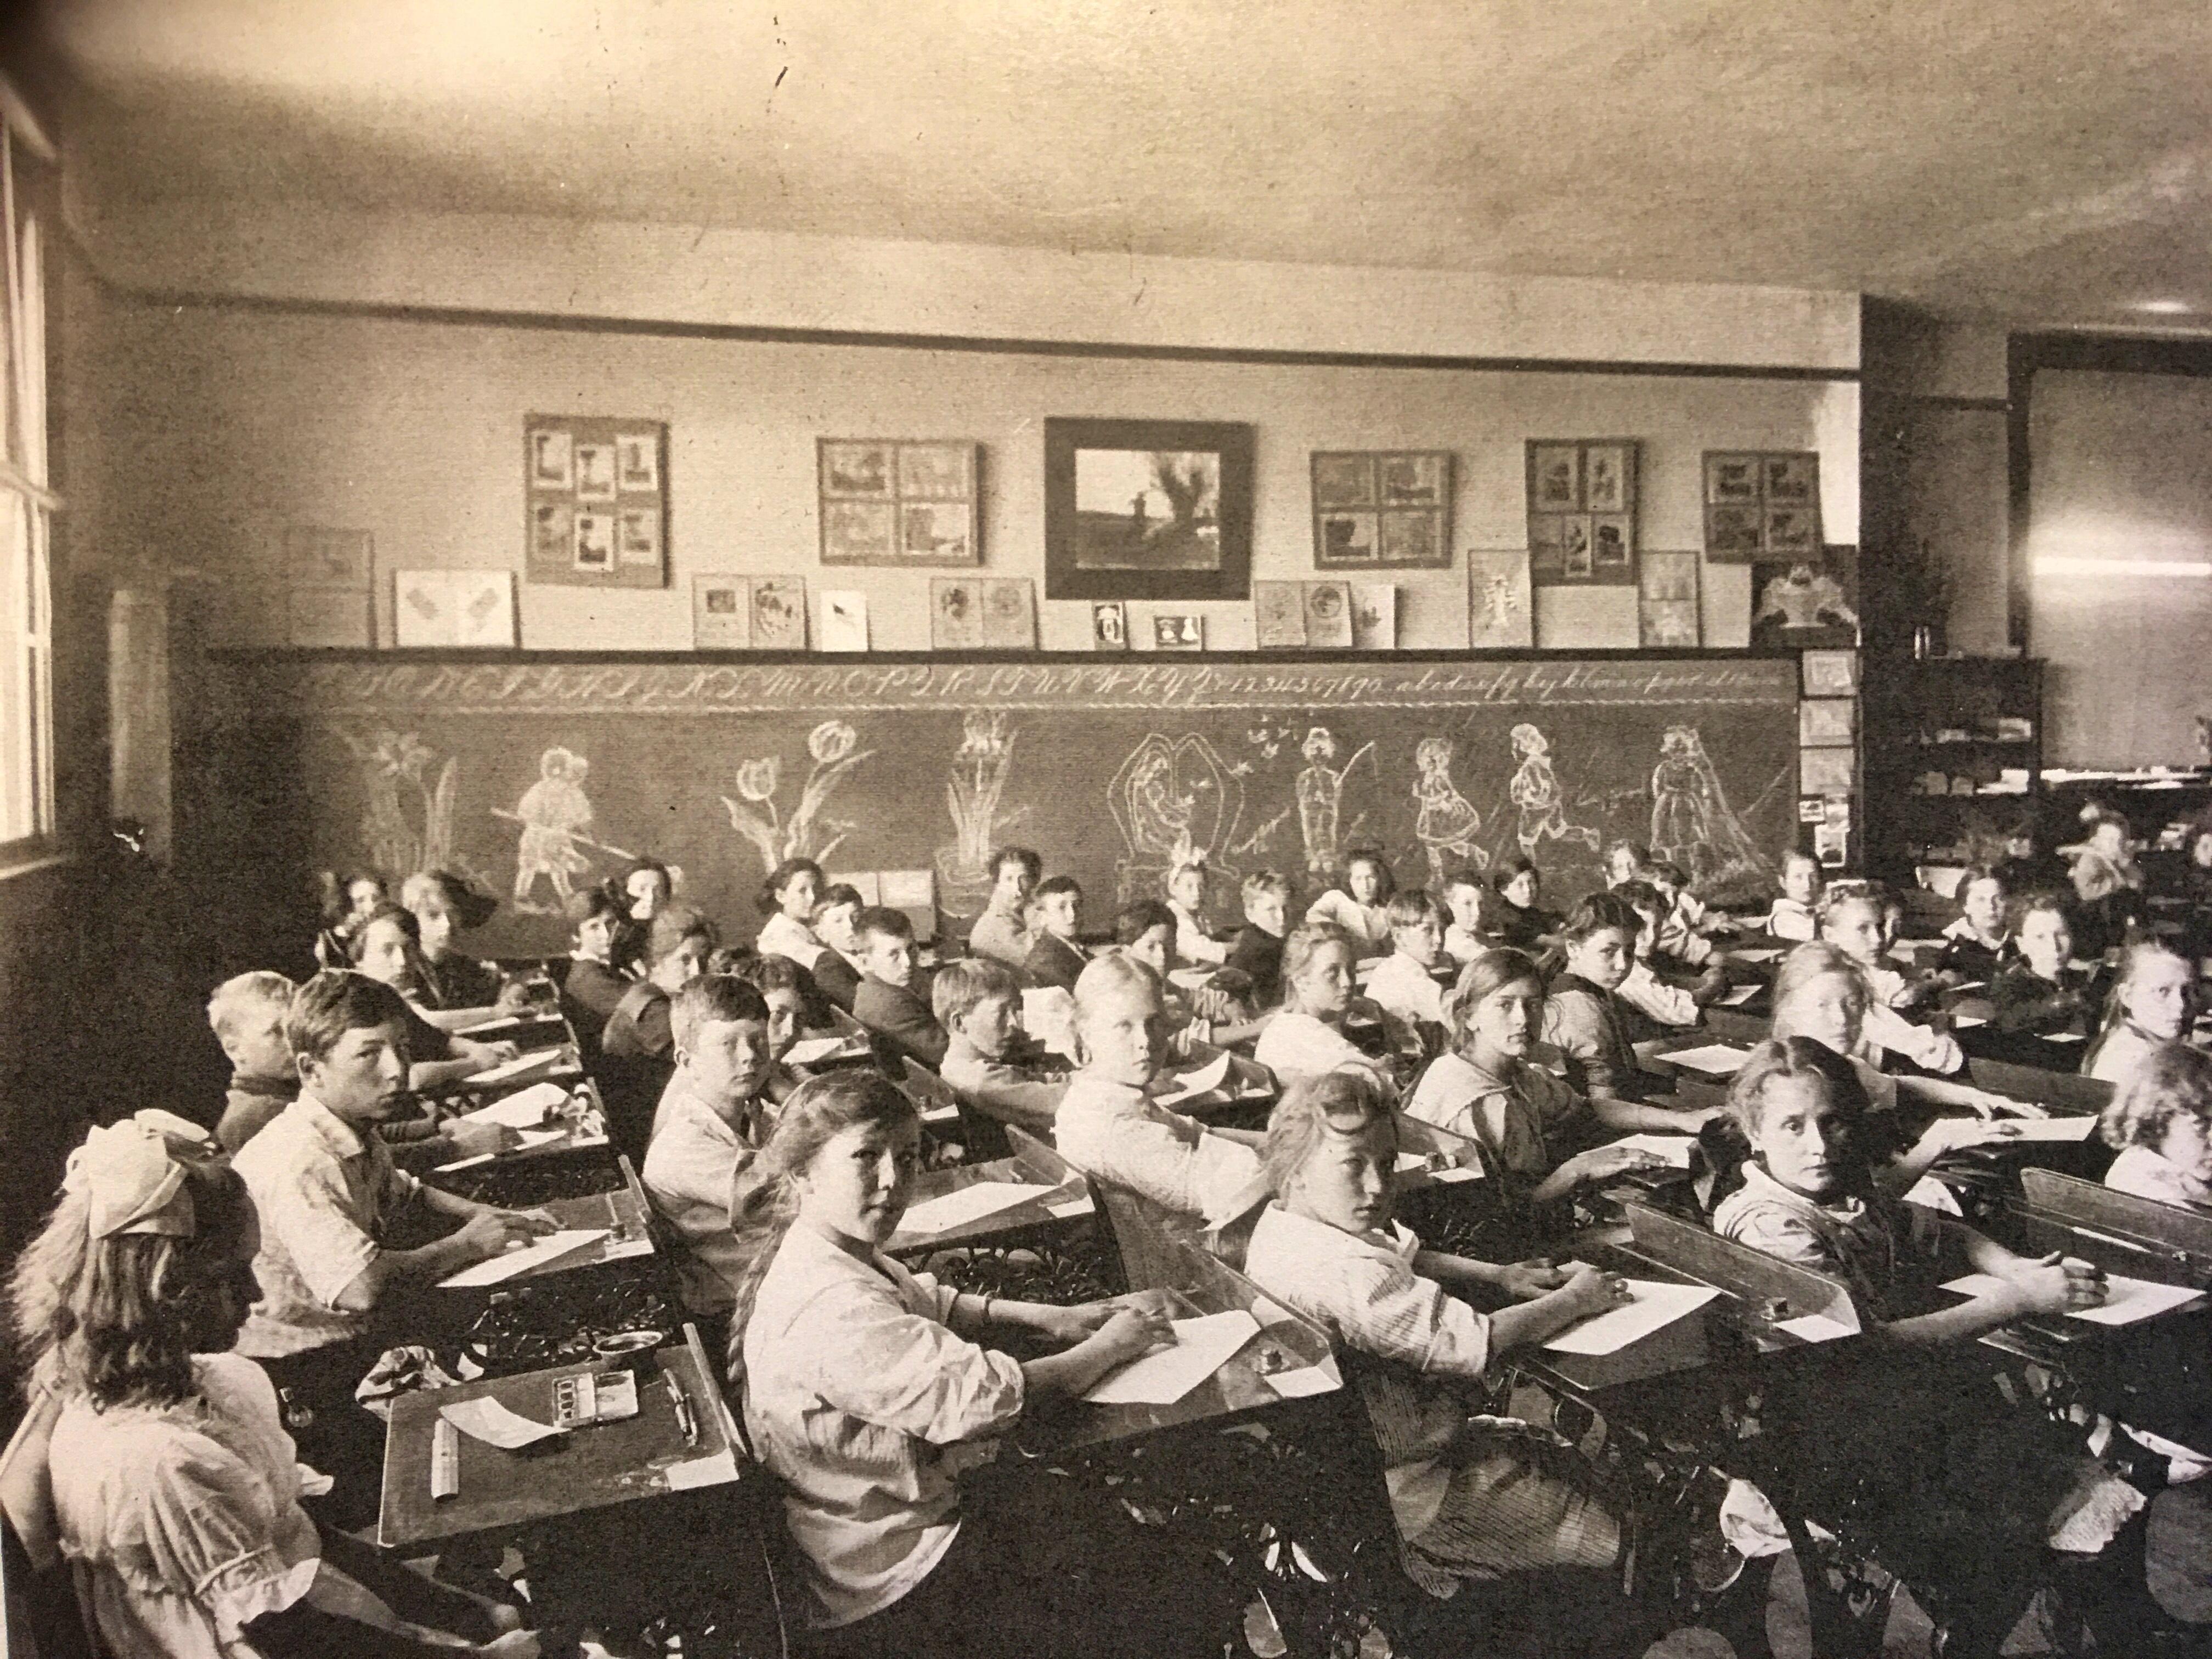 7c1a507951 Vernon School Art Classroom. Courtesy of Oregon Historical Society.